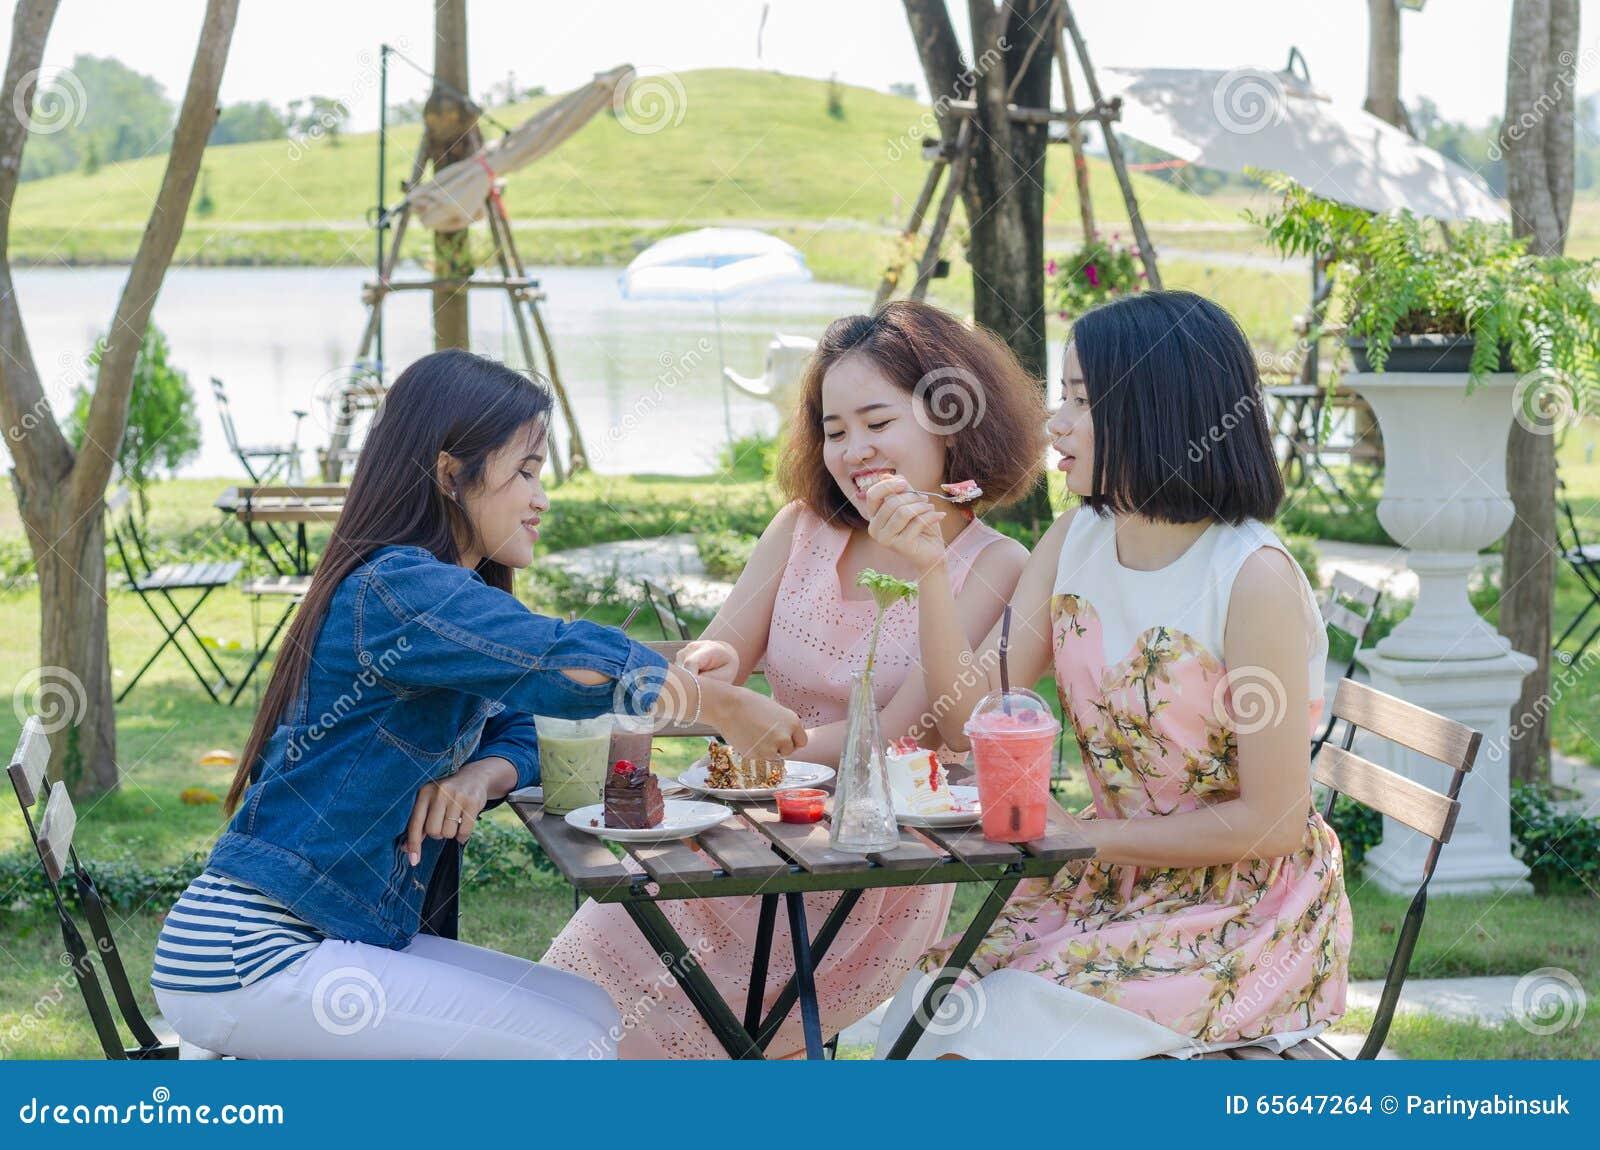 Les femmes ont plaisir à manger et parler ensemble